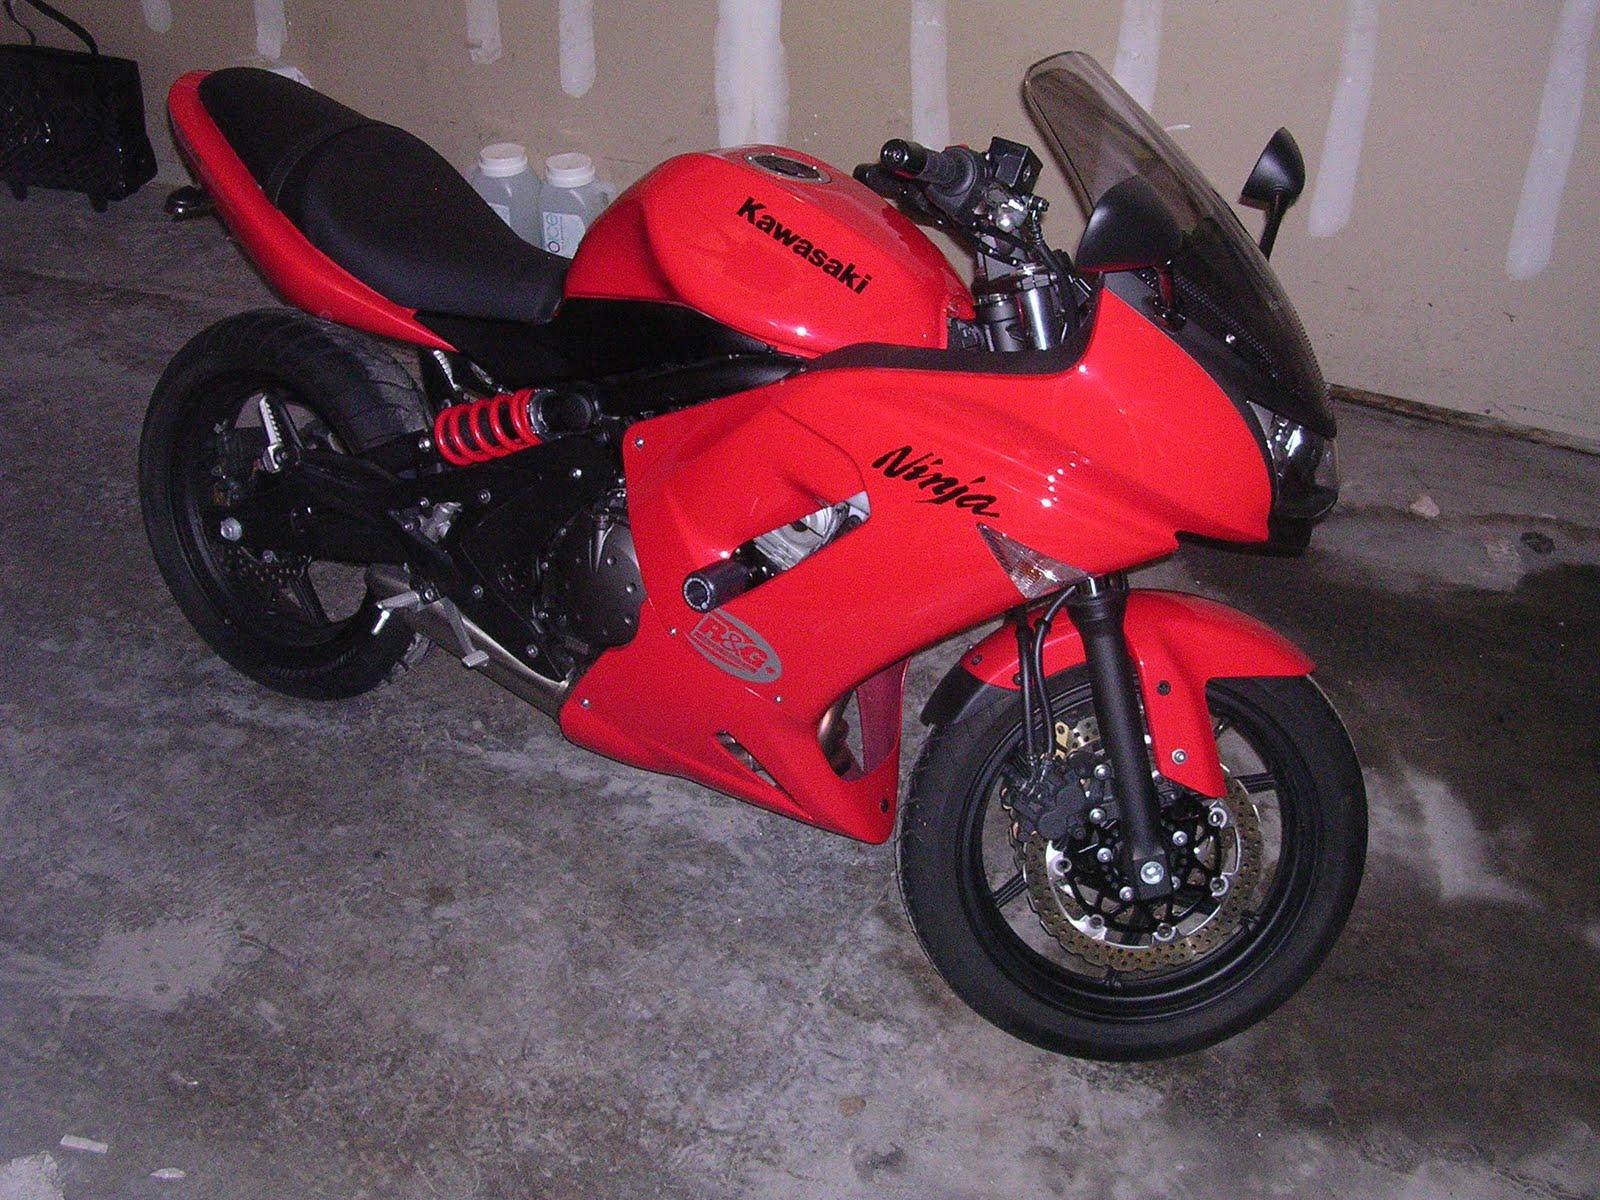 Craigslist Motorcycles - impremedia.net